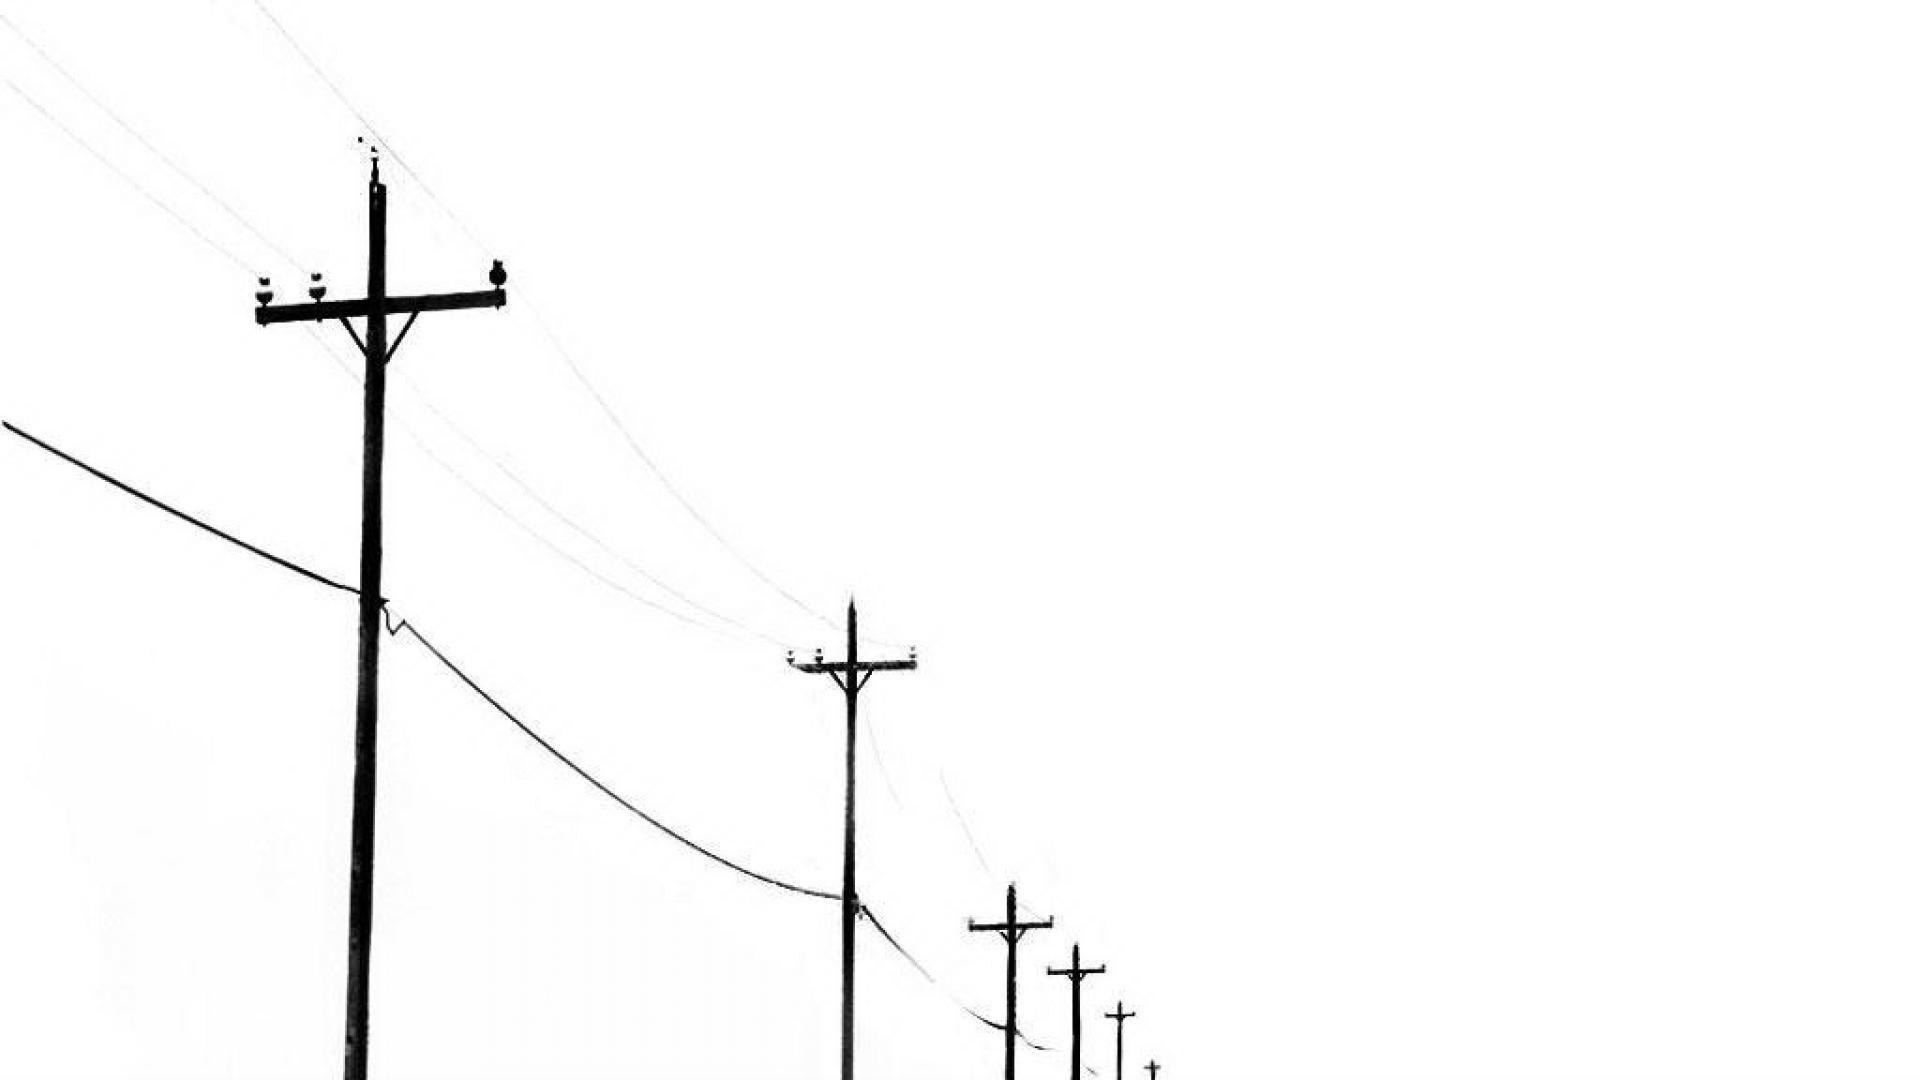 minimalistic power lines hd wallpaper - (#671) - HQ Desktop ...